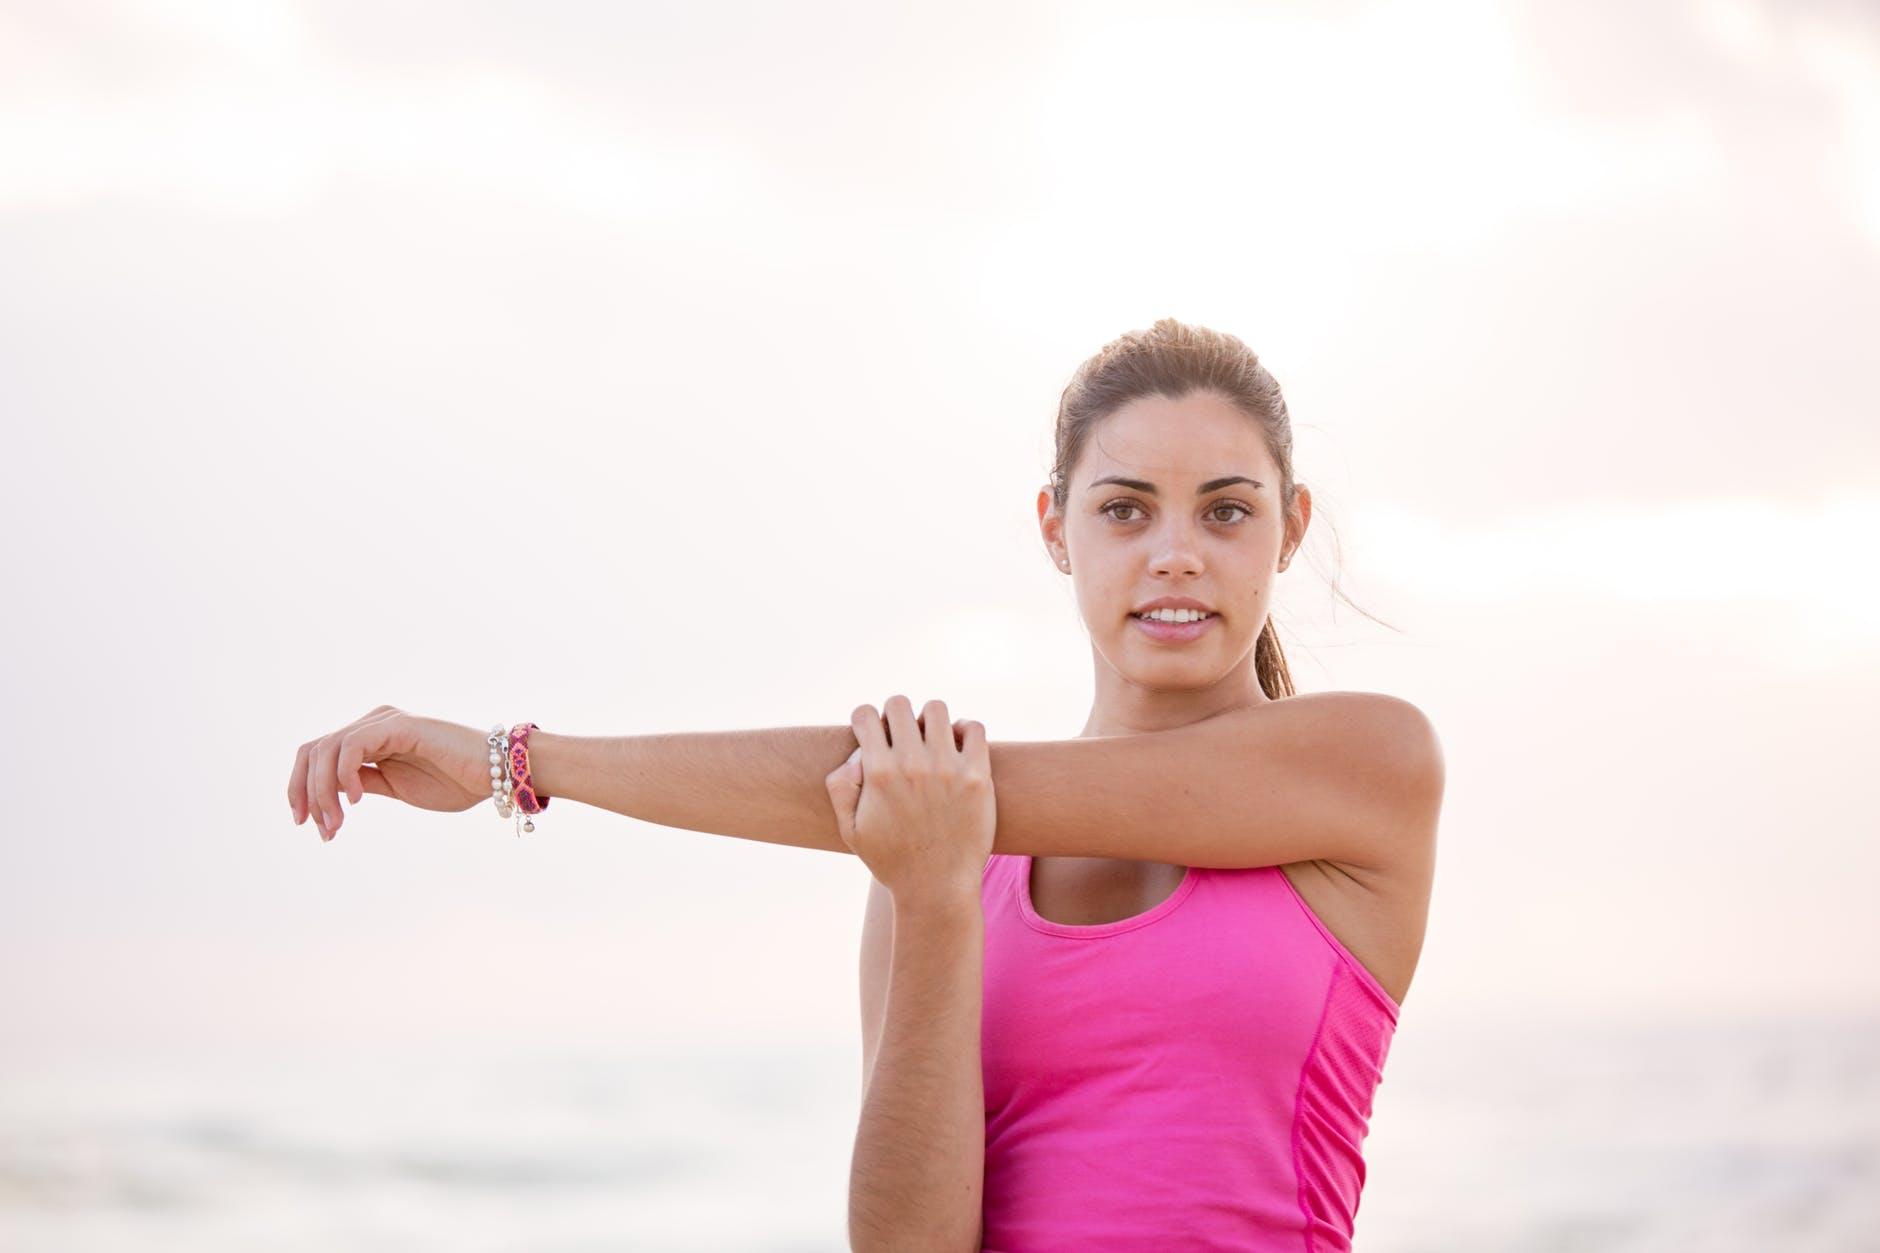 étirement sport santé